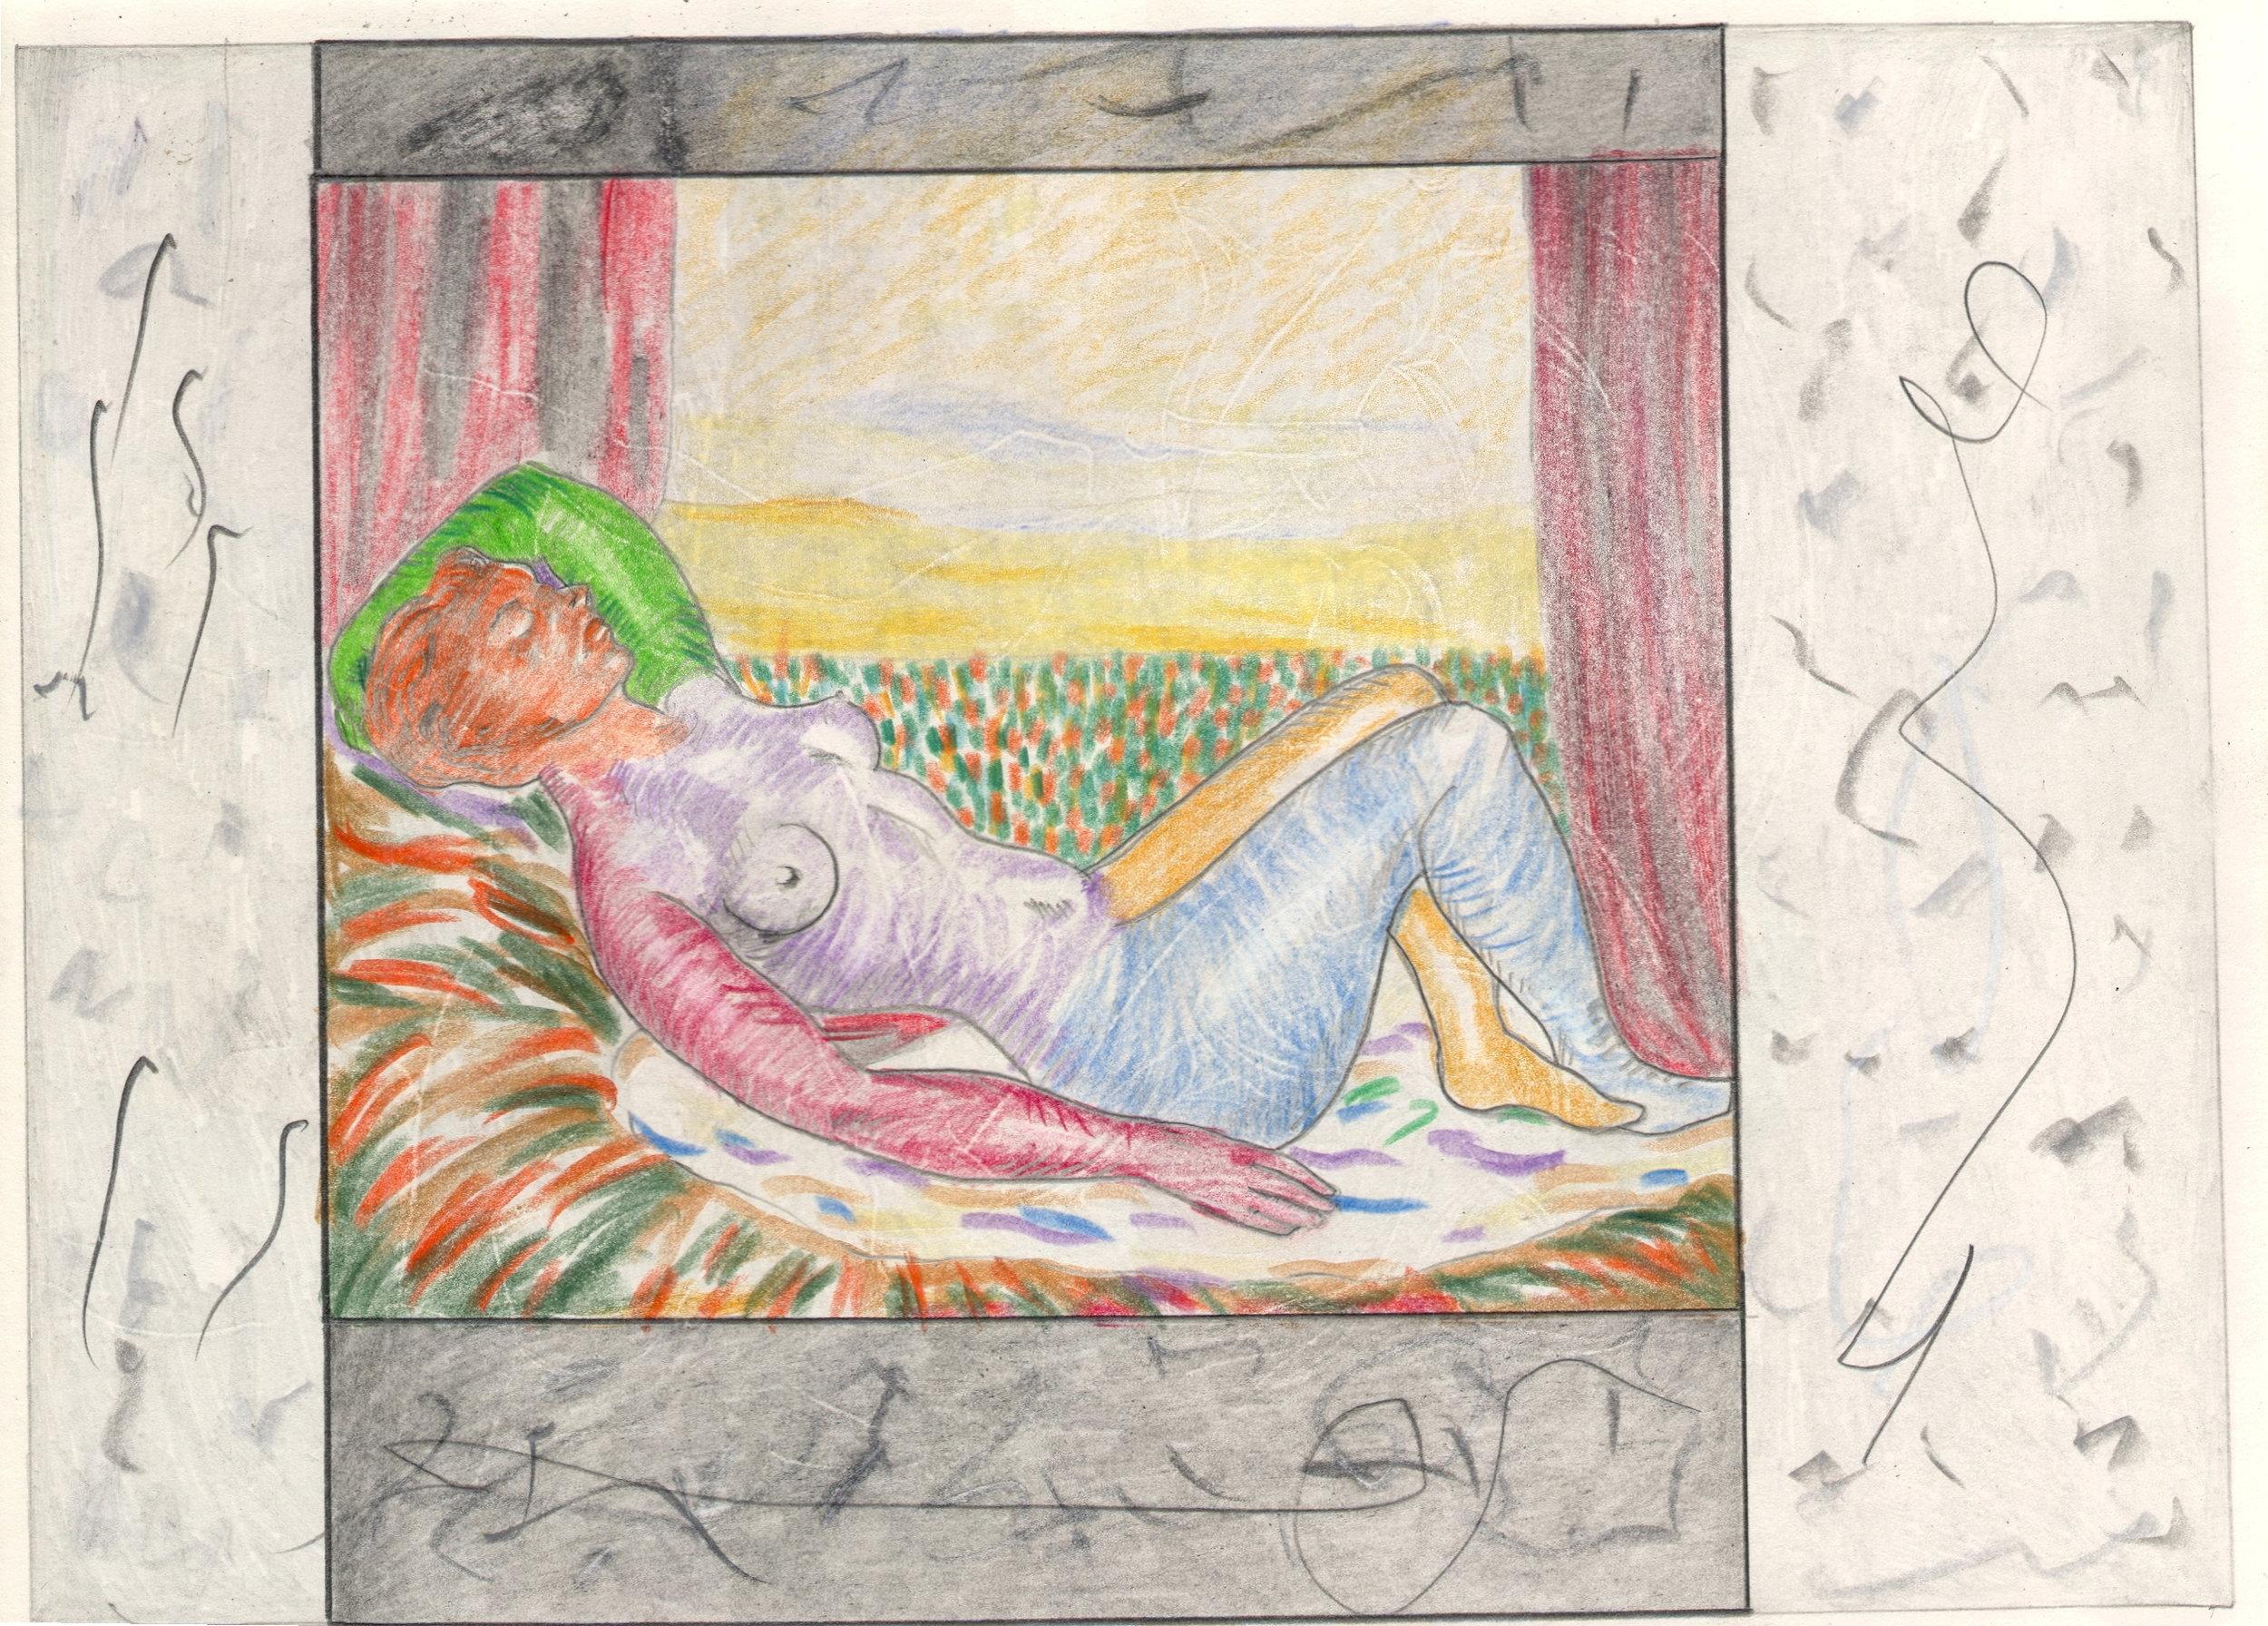 O.T. ( Rene Magritte Paraphrase ), 2018  Bleistift und Buntstift auf Papier, 26x35.5cm